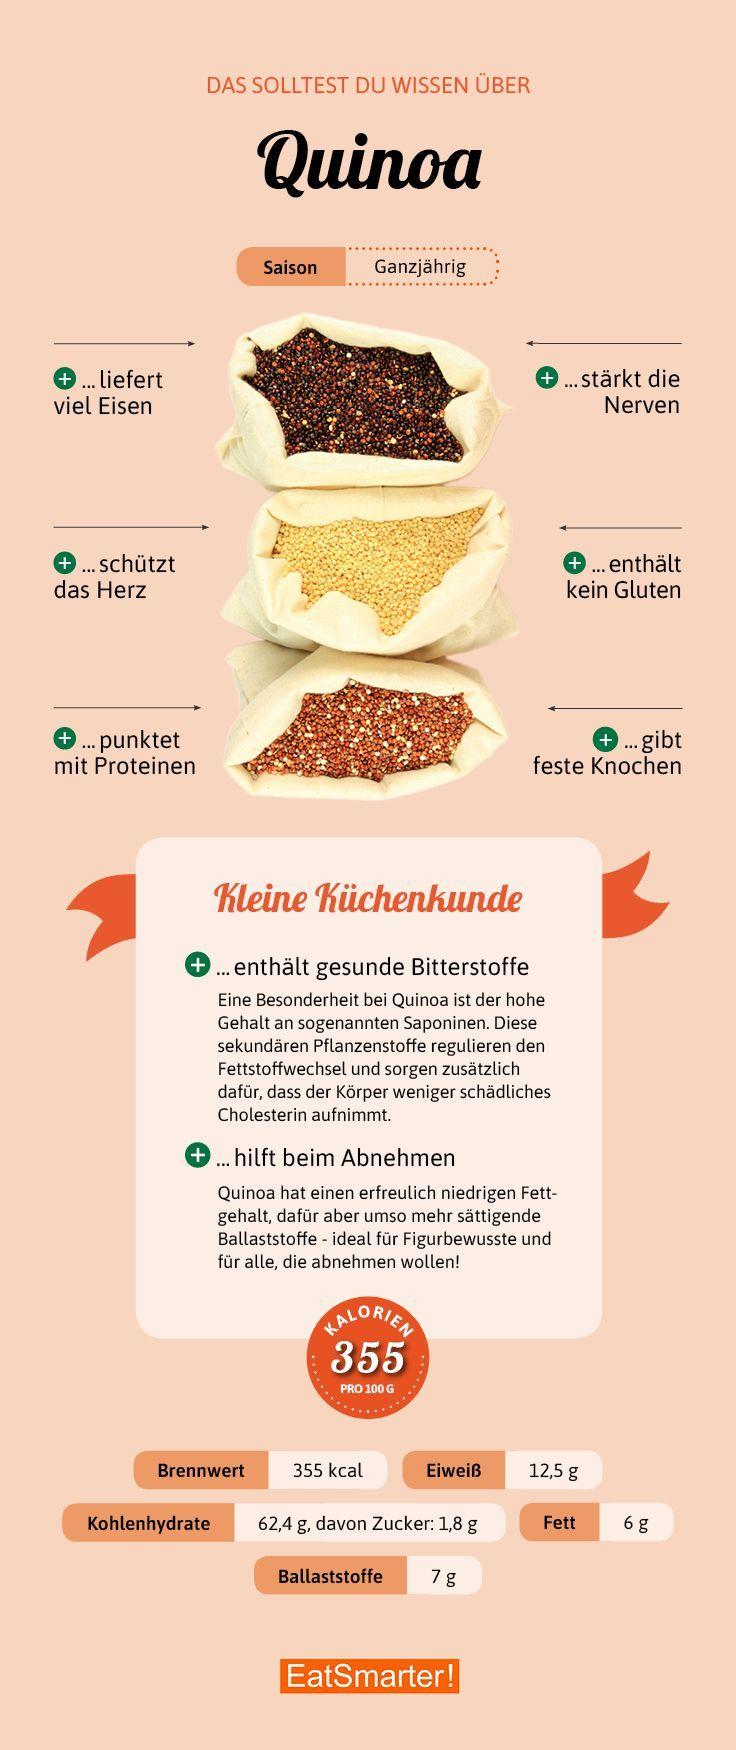 Quinoa – so gesund ist der Inkareis #vitamins Das solltest du über Quinoa wis…